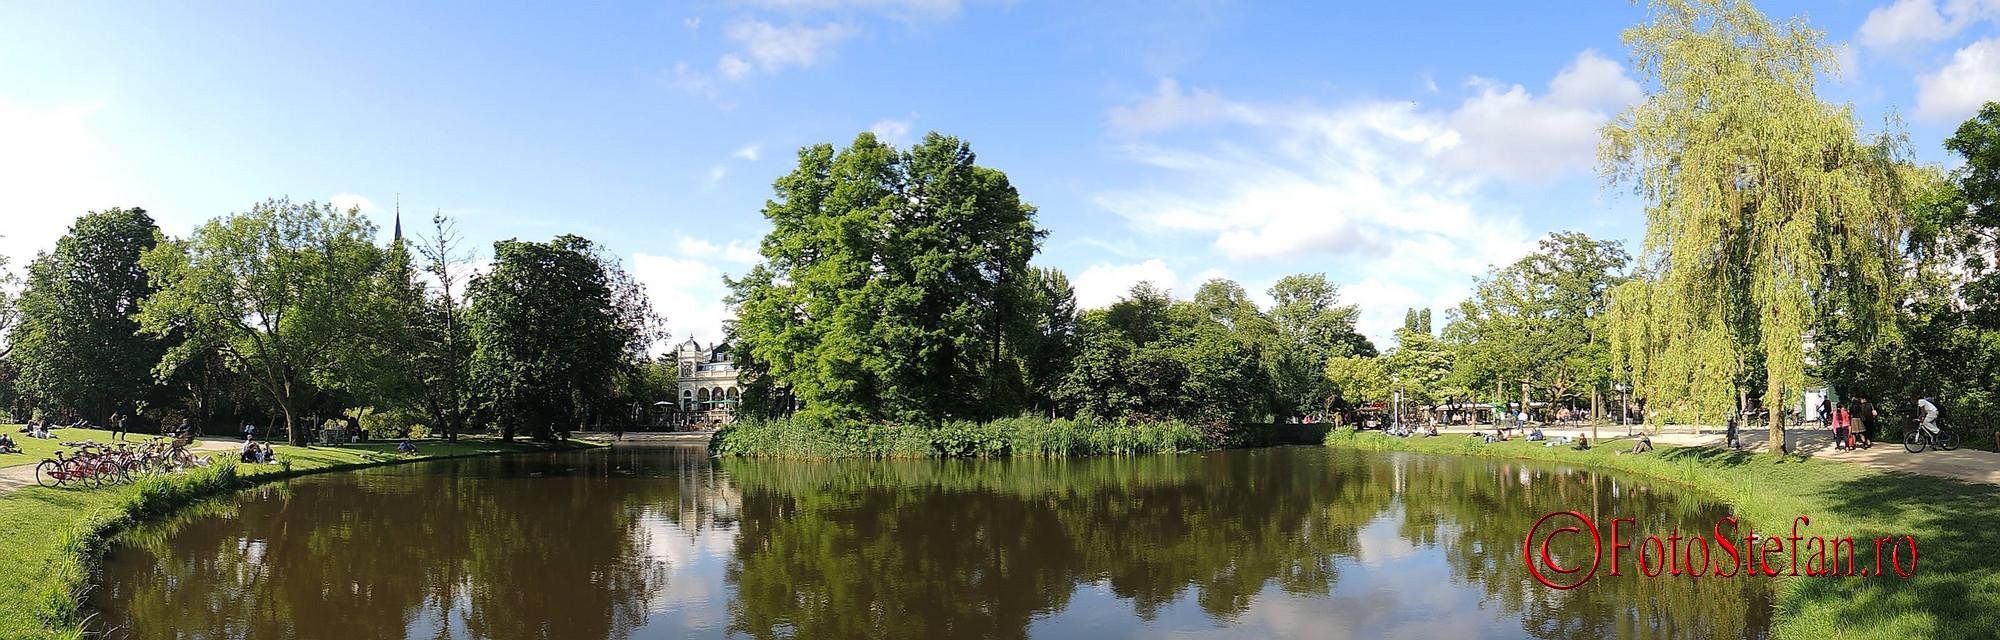 poza panoramica parcul Vondel amsterdam